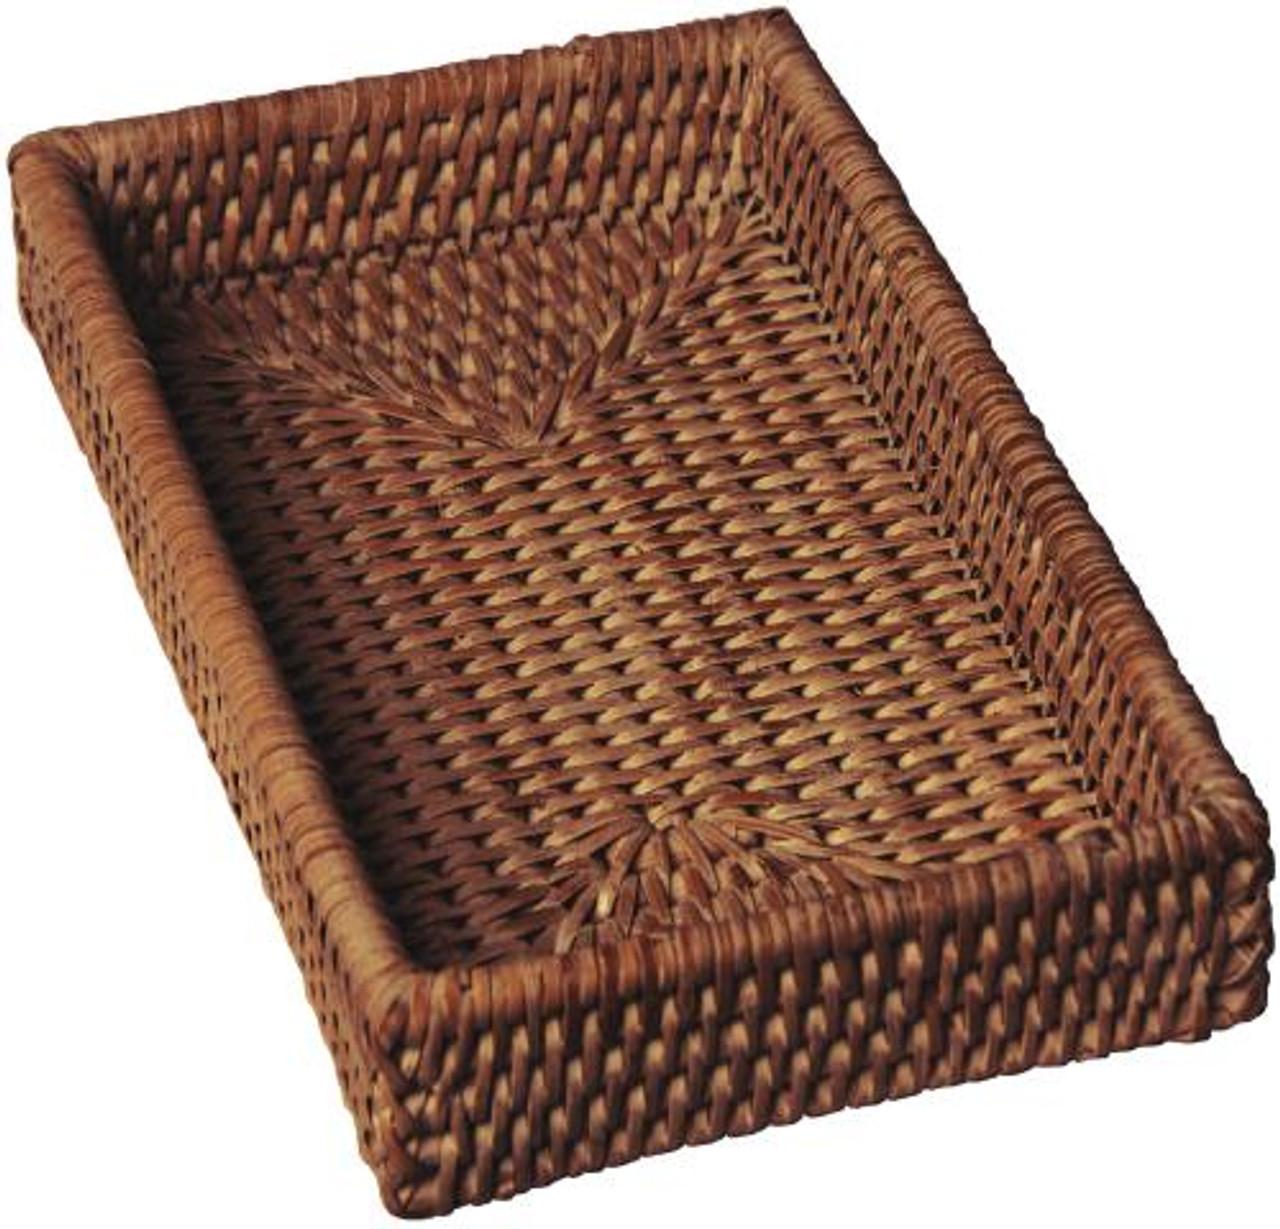 Rattan Guest Towel Napkin Holder Shop Rustic Napkin Holder